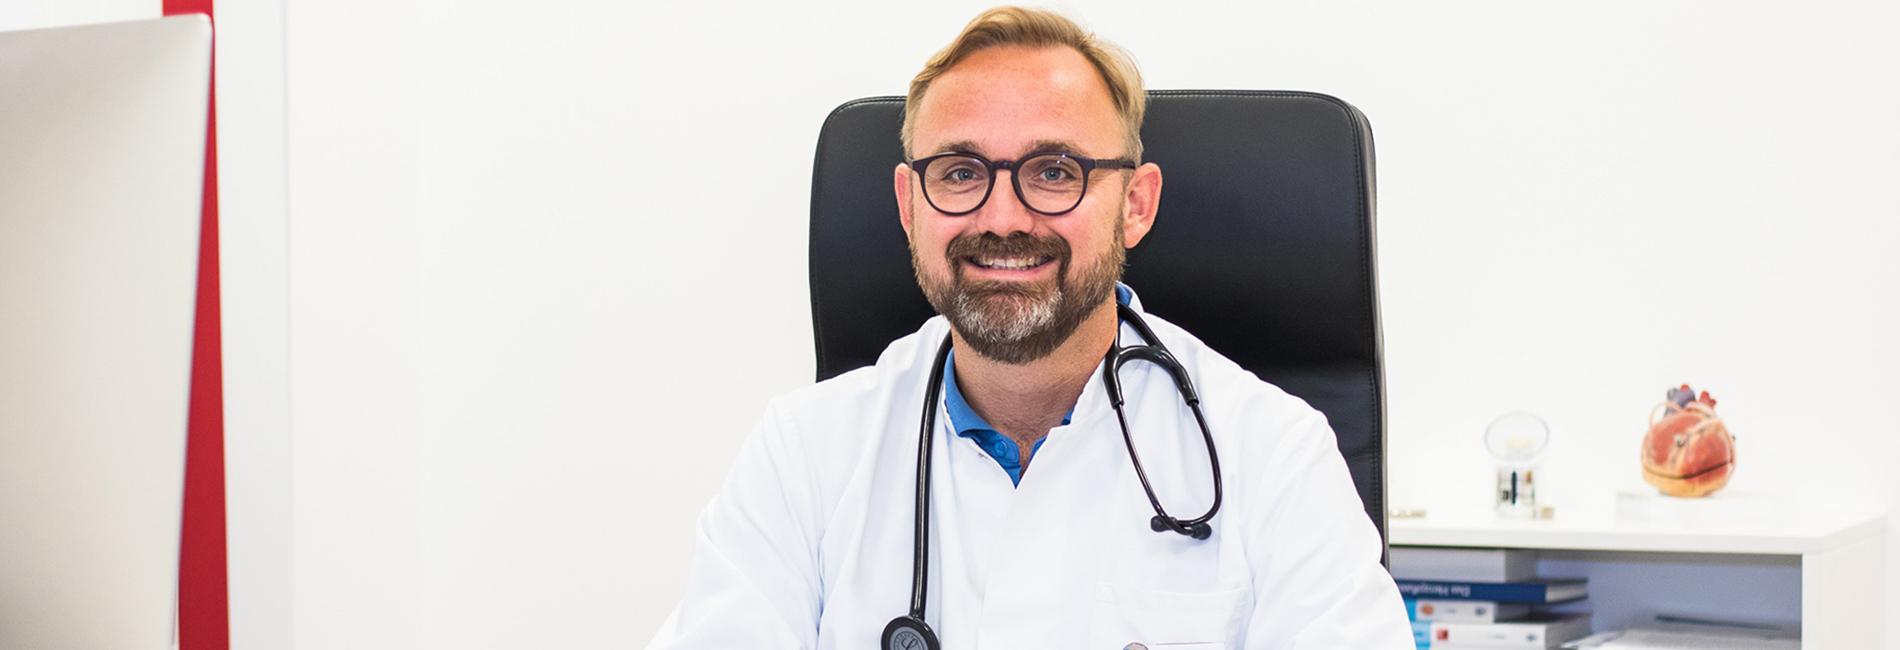 dr_kerckhoff